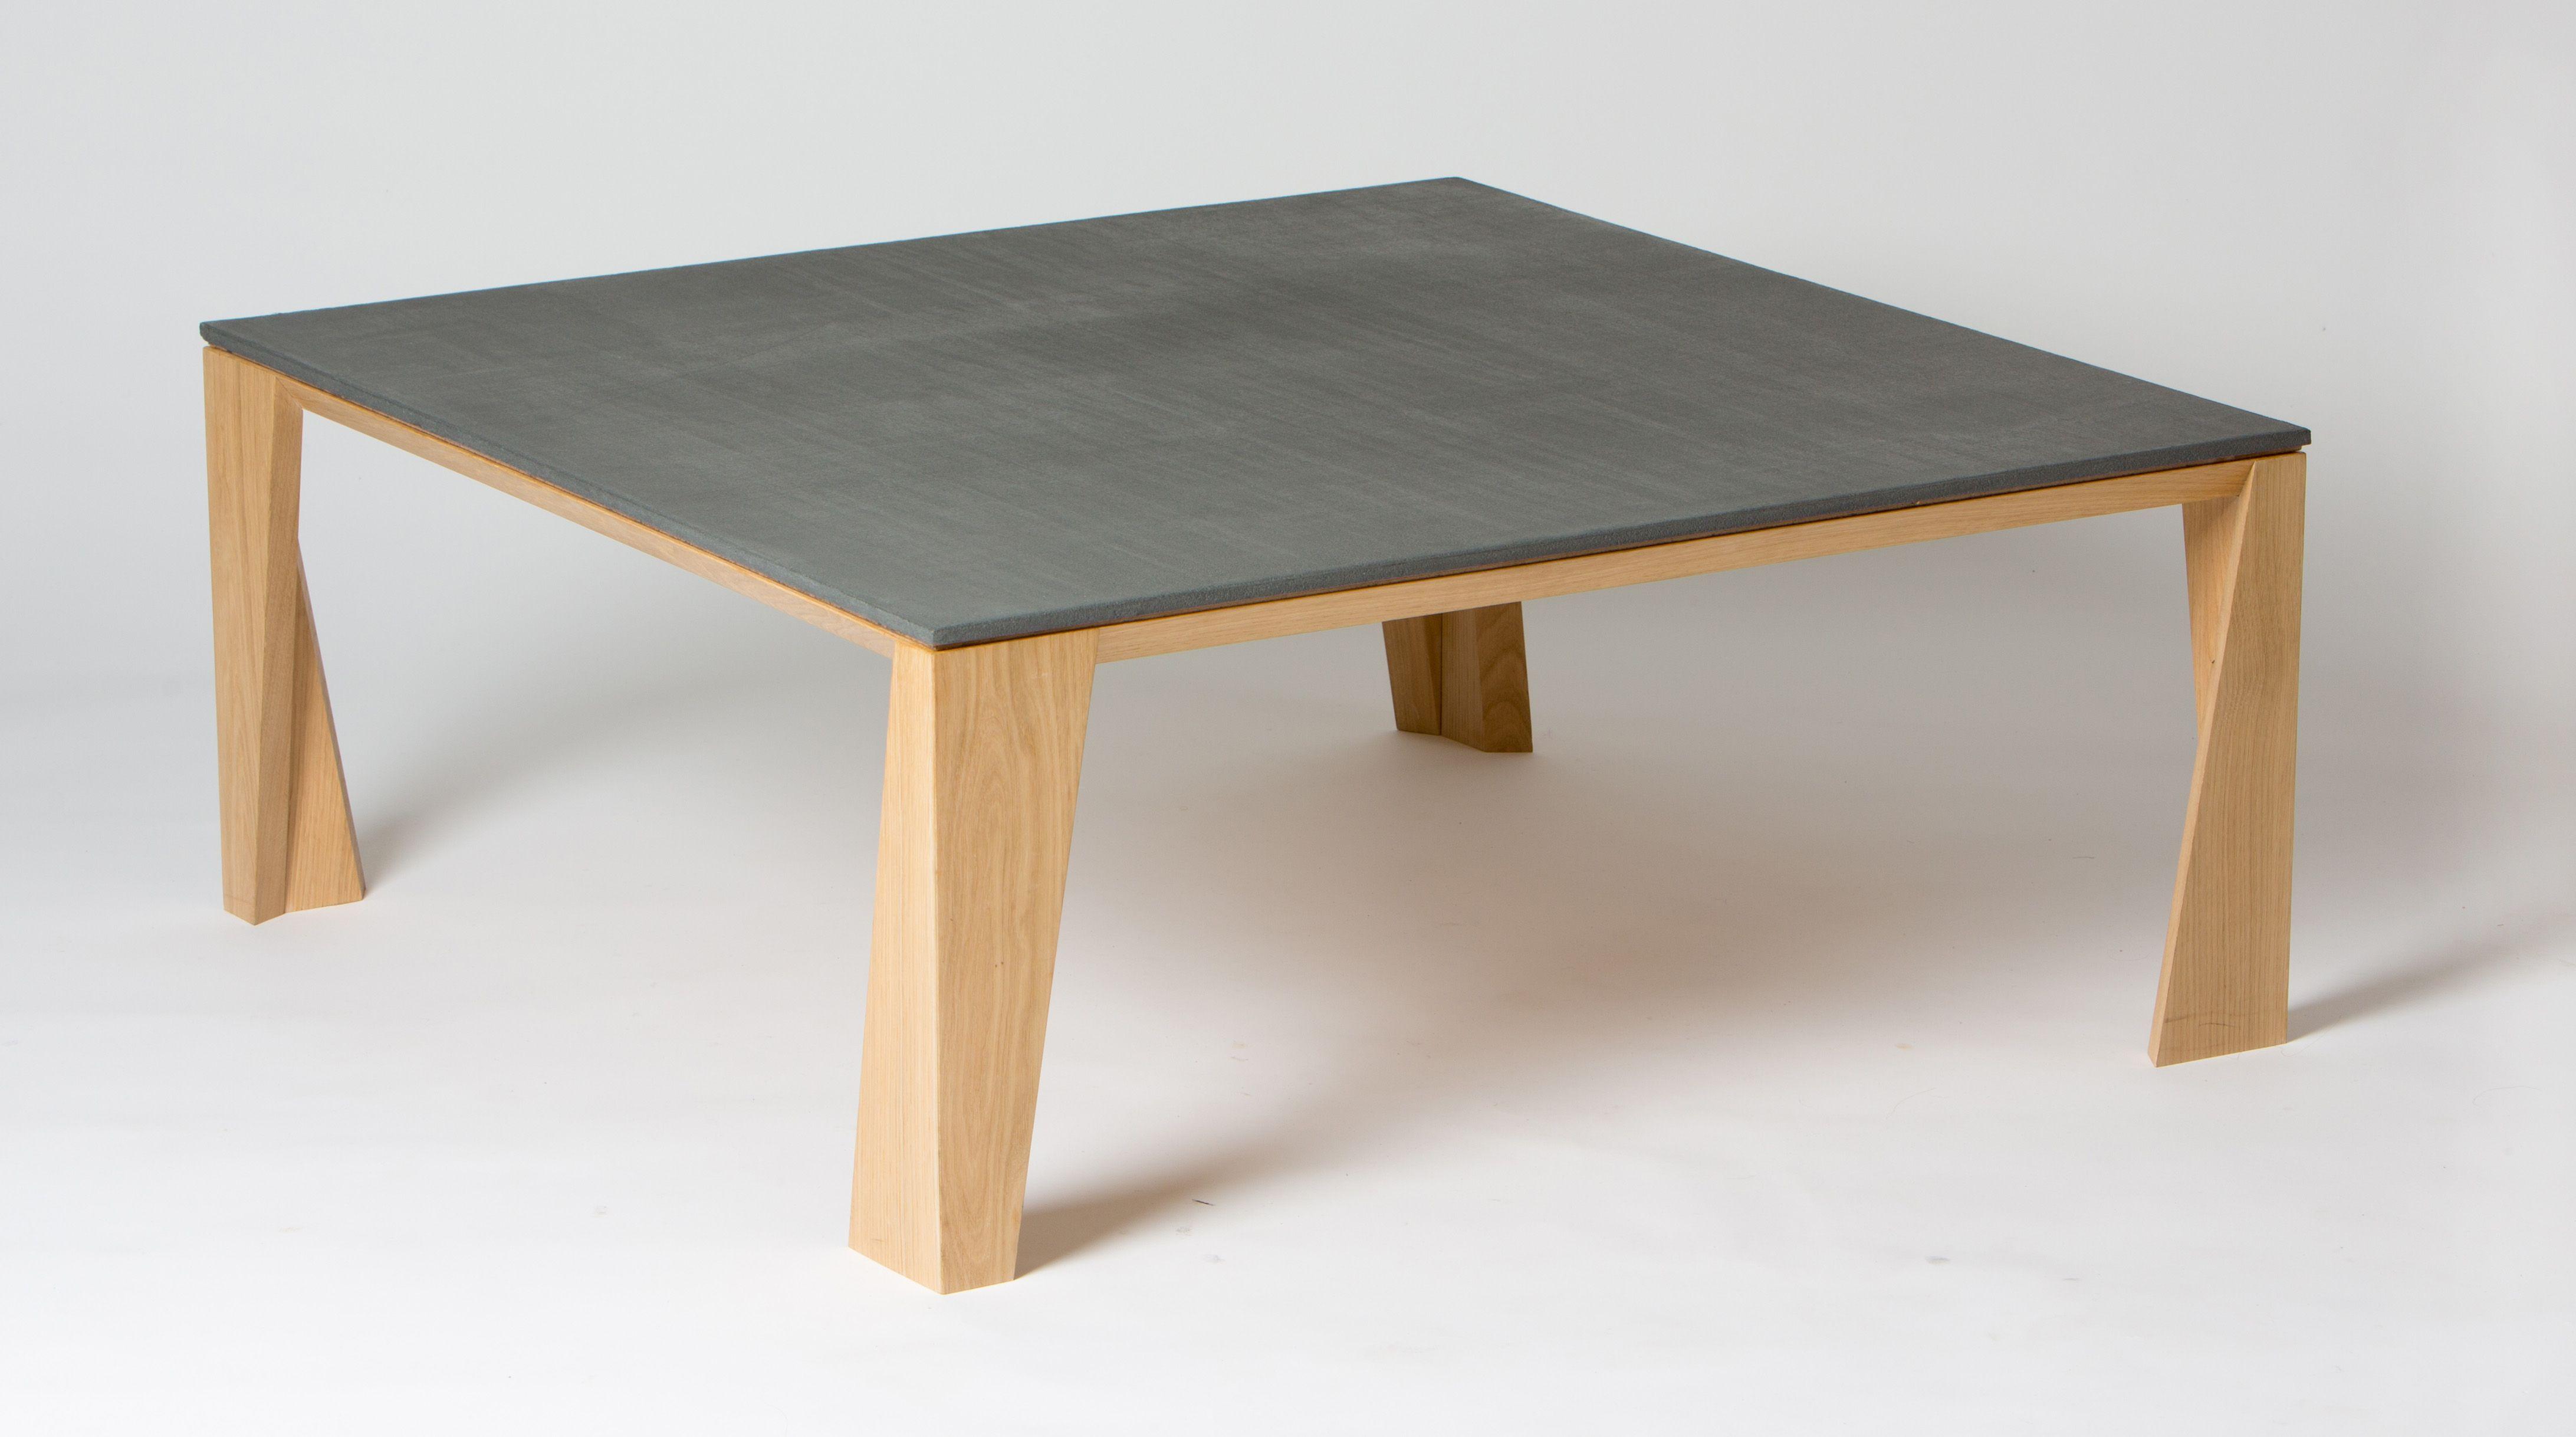 Table Basse En Ch Ne Massif Et B Ton Les Angles Biseaut S Et La  # Meuble Tv Angle Beton